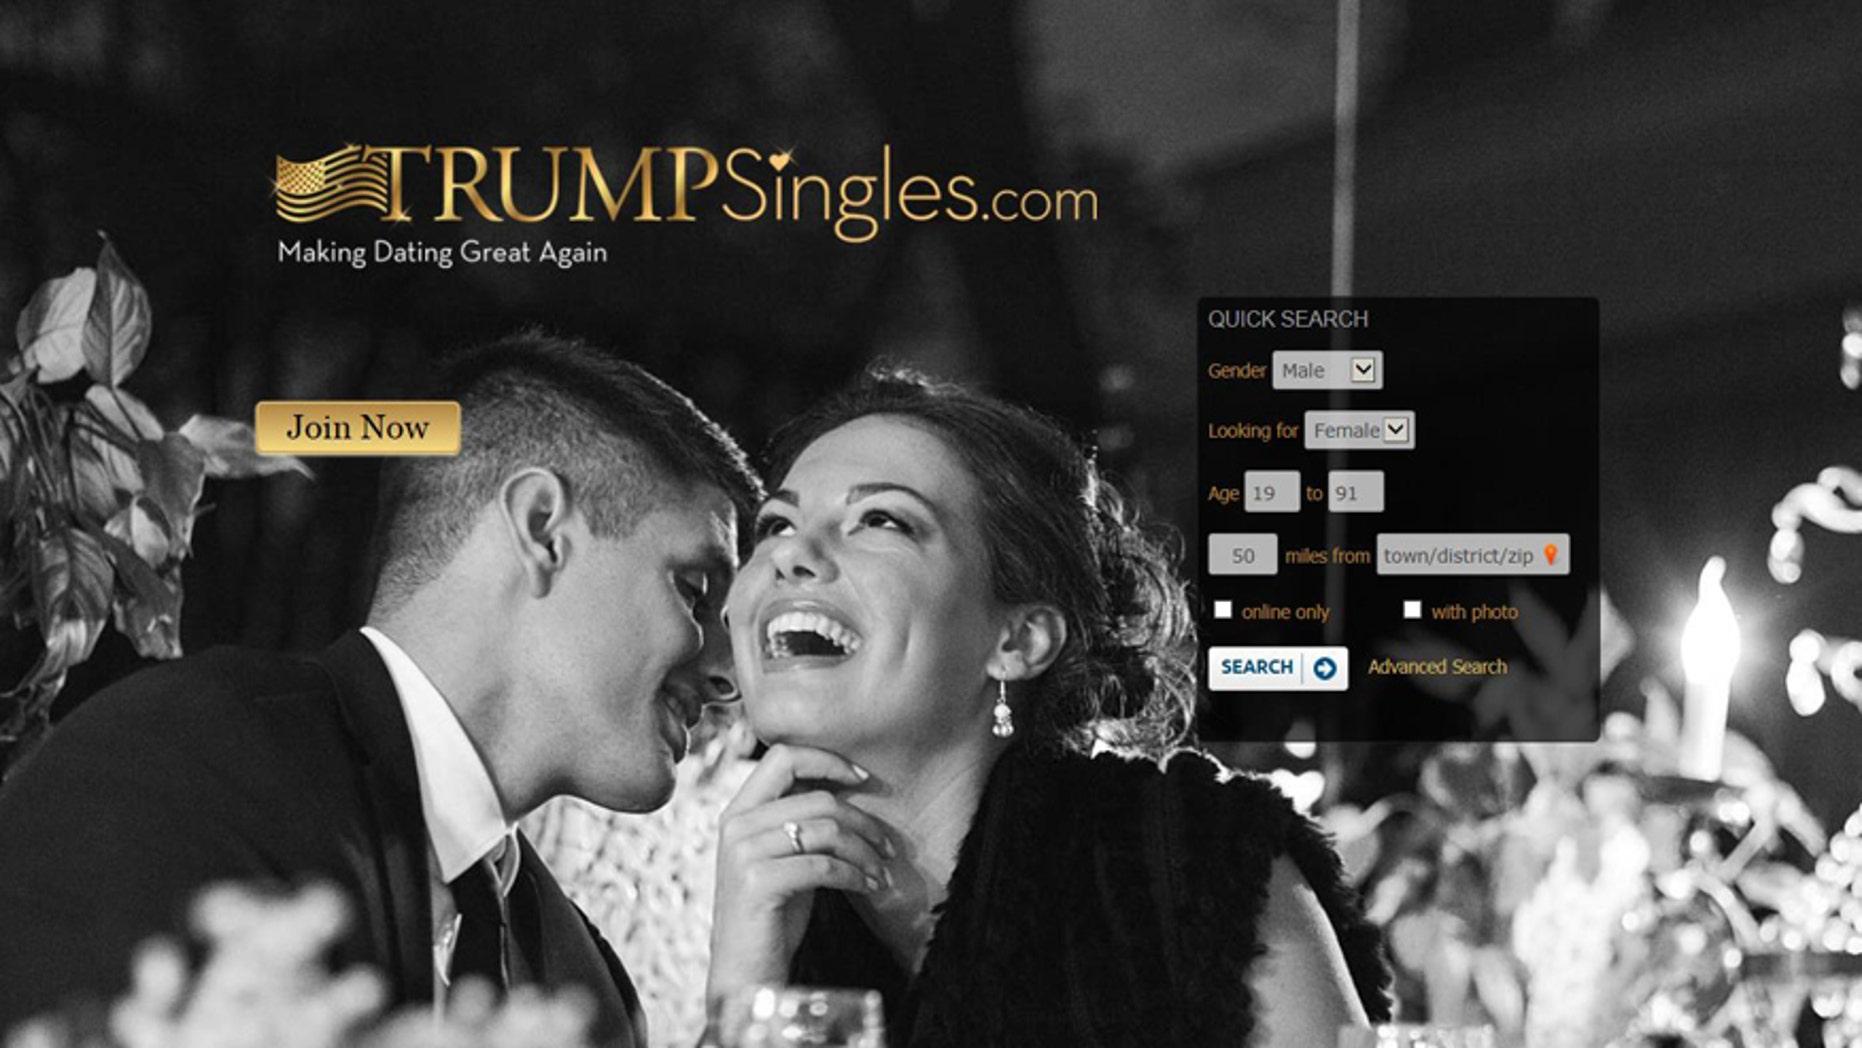 (Screenshot from www.trumpsingles.com)